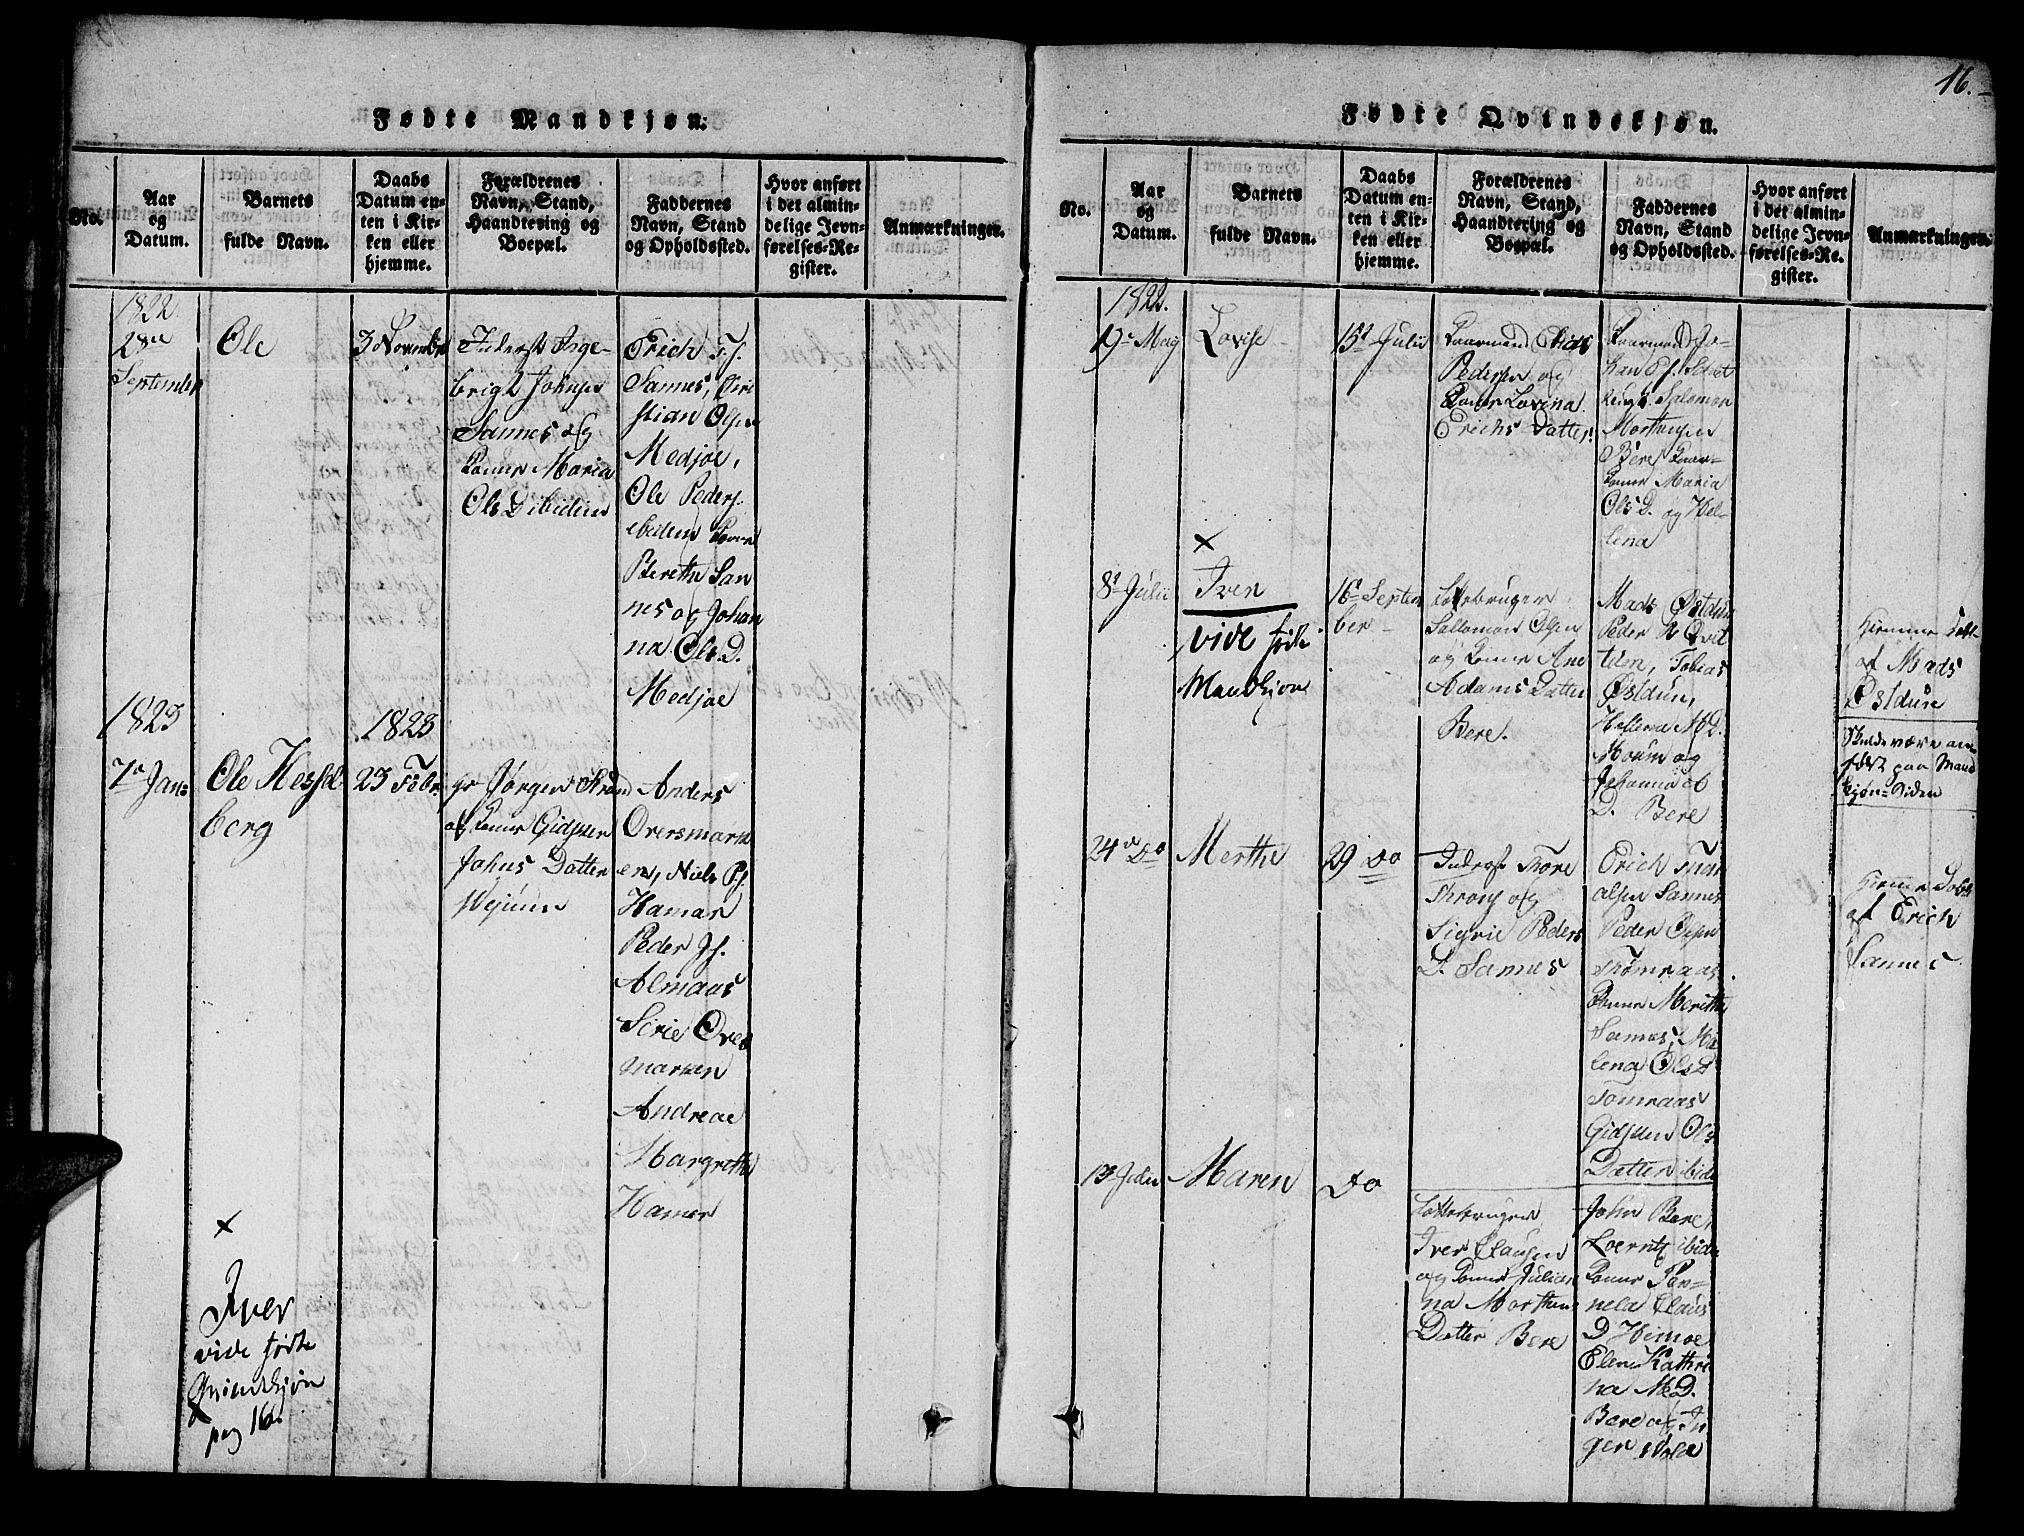 SAT, Ministerialprotokoller, klokkerbøker og fødselsregistre - Nord-Trøndelag, 758/L0521: Klokkerbok nr. 758C01, 1816-1825, s. 16